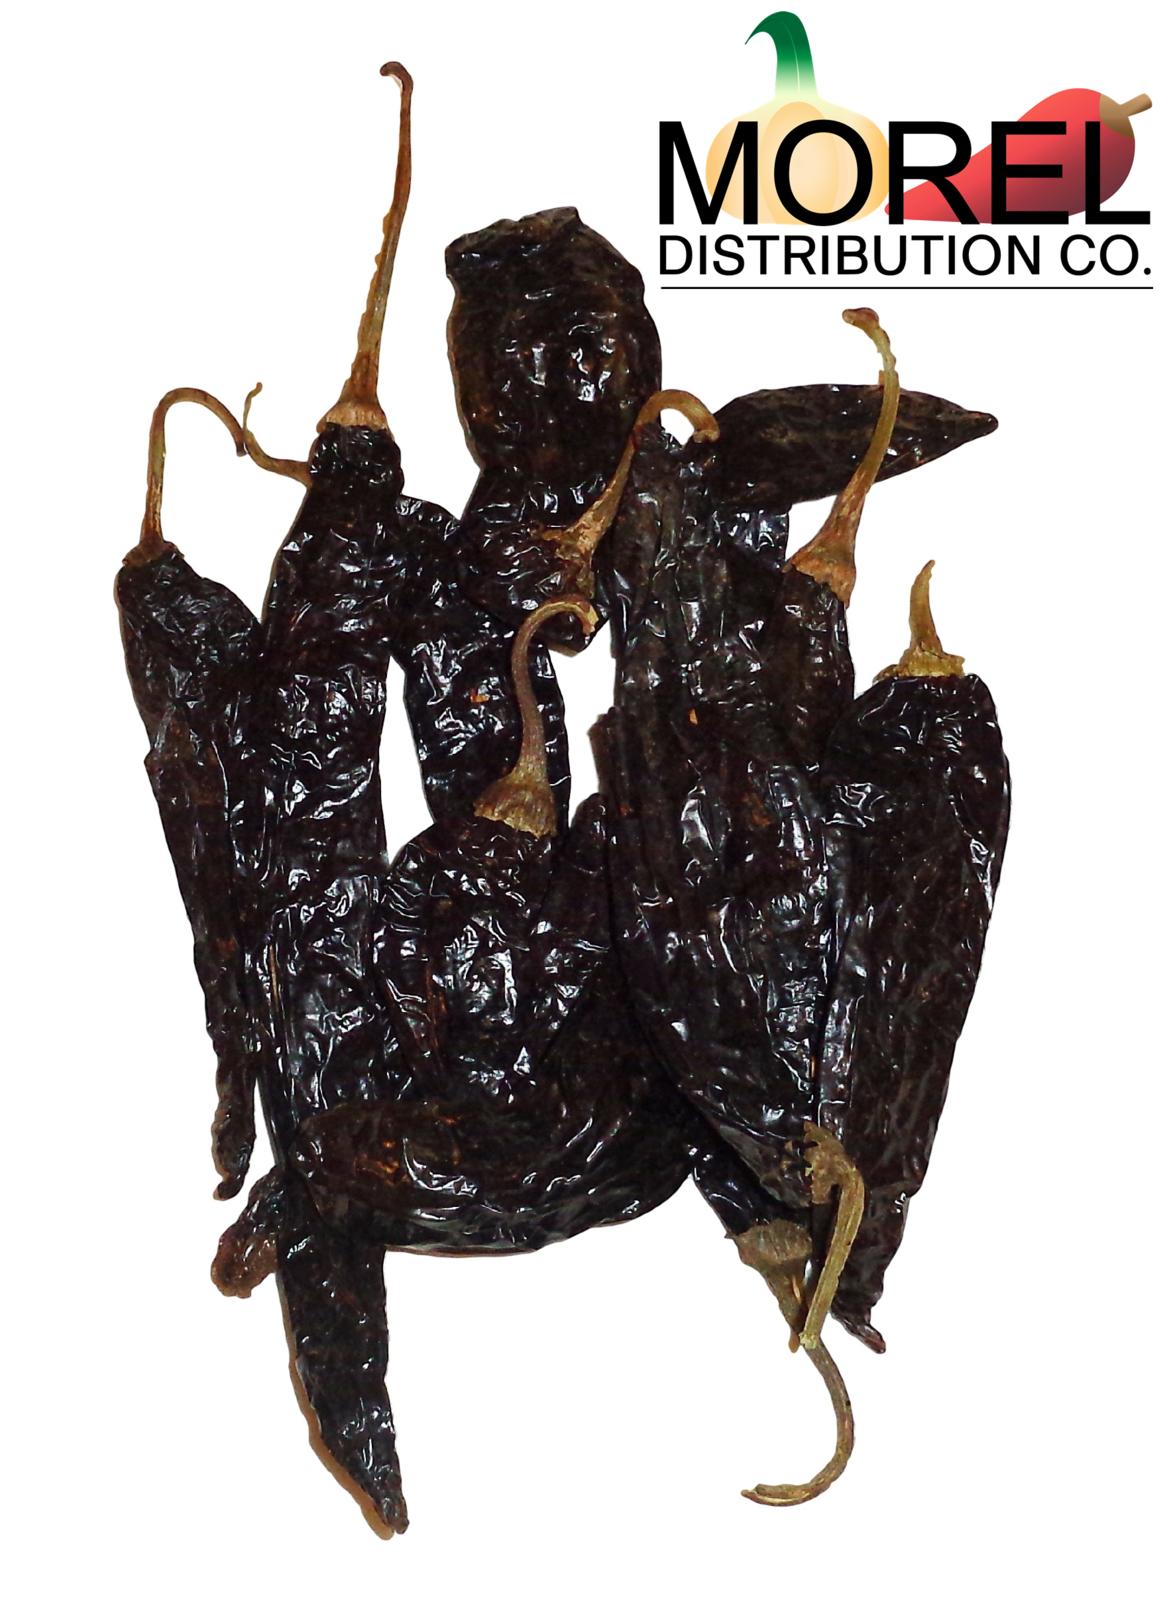 Chile Pasilla Pepper (Chile Pasilla) // Weights: 4 oz, 8 oz, 12 oz, & 1 lb